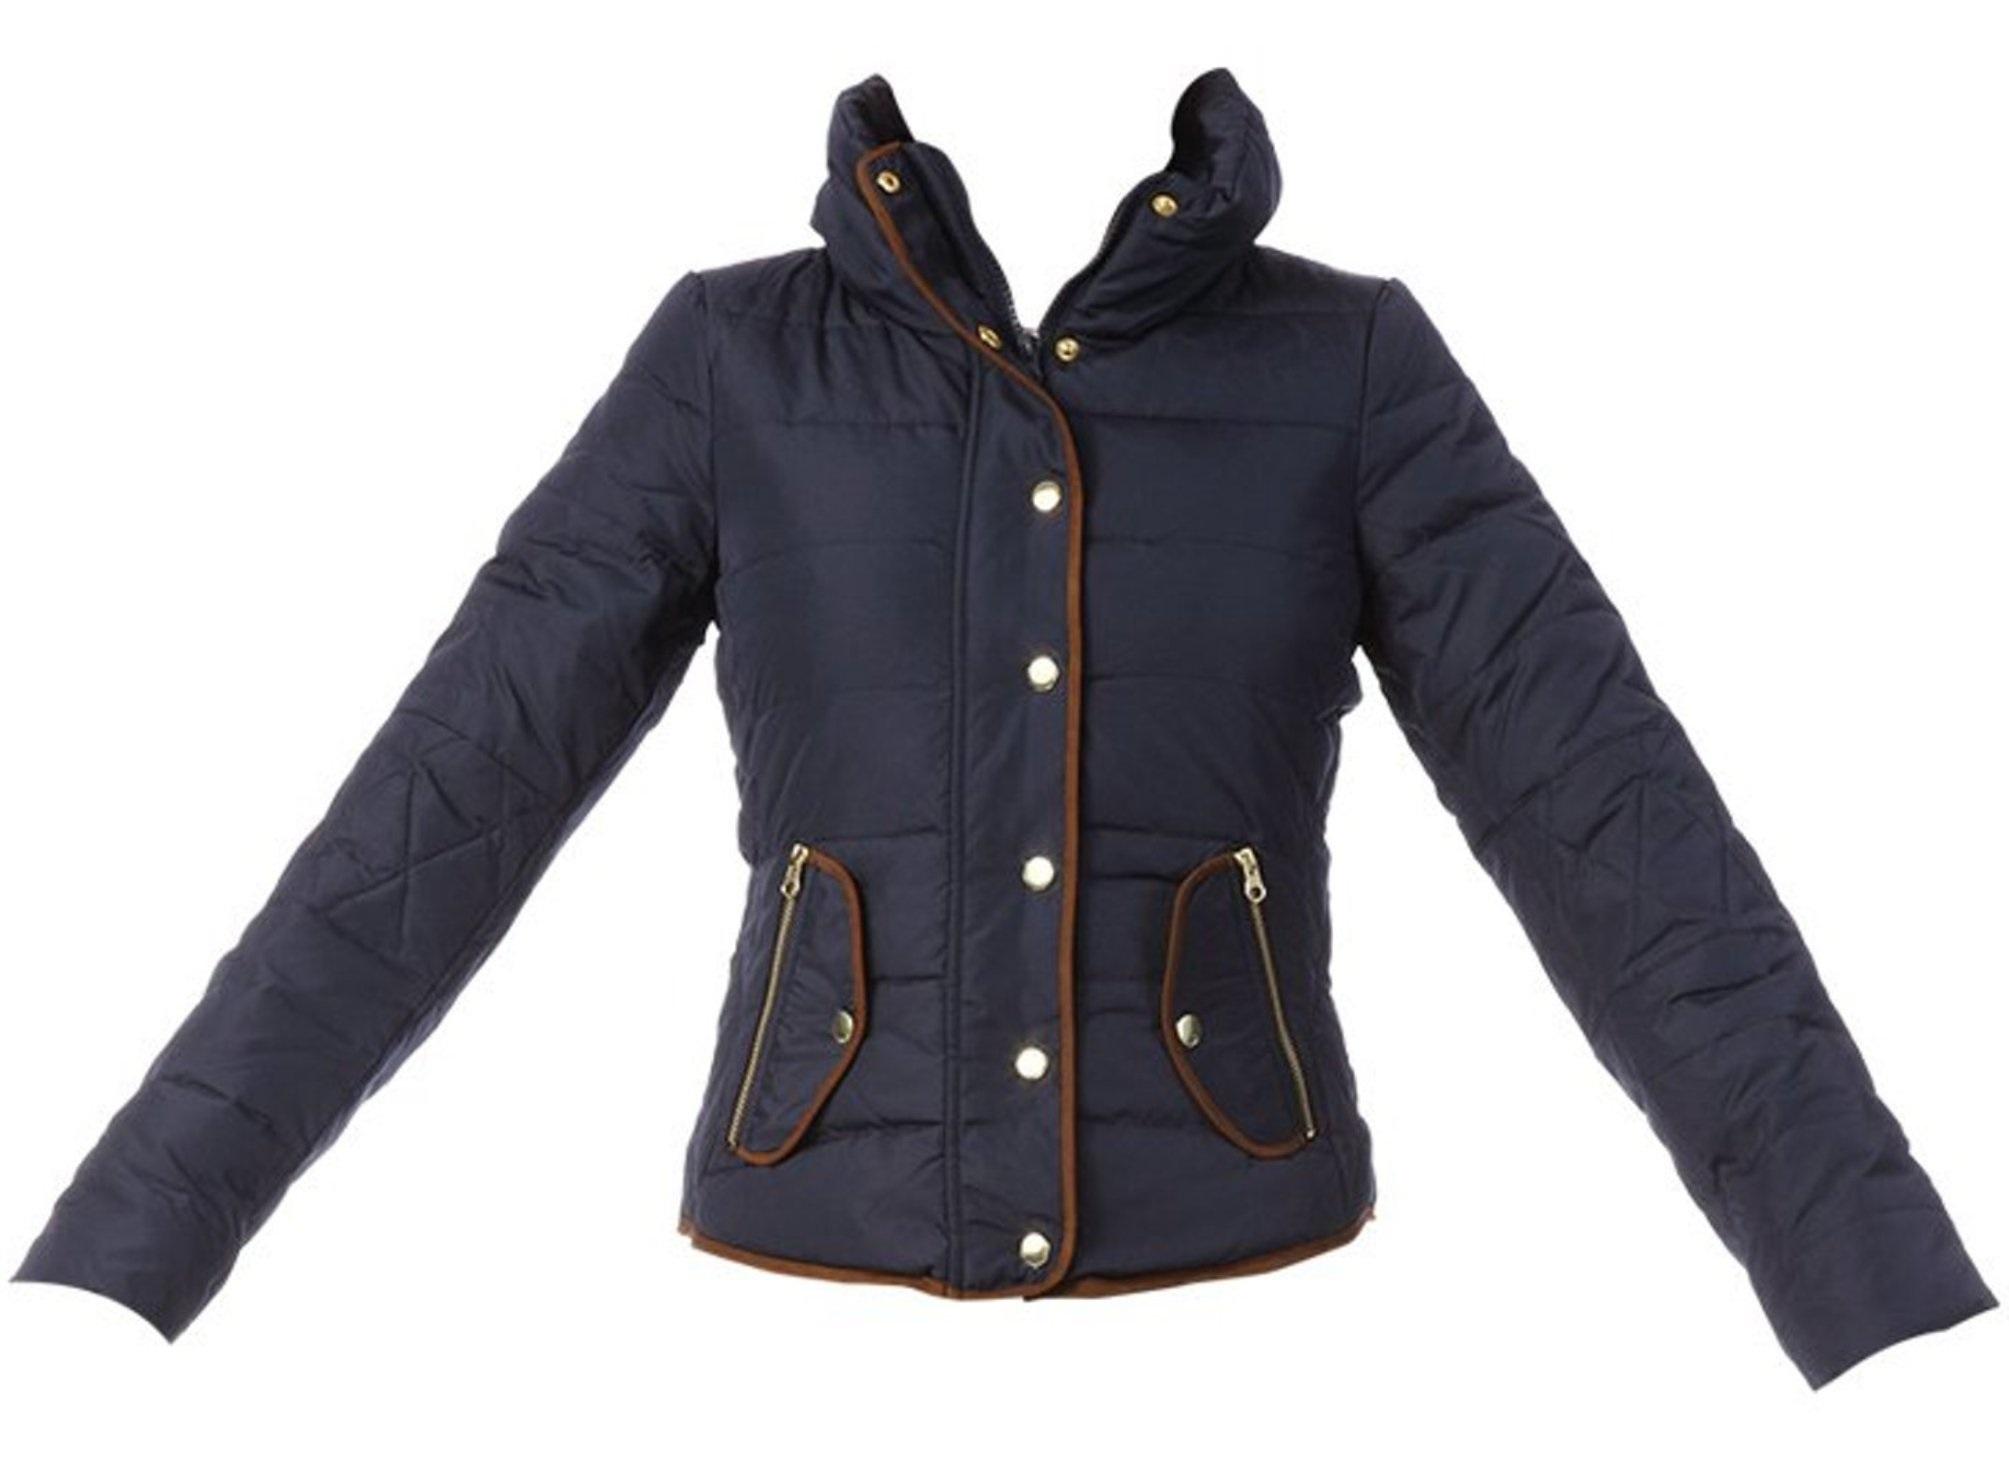 Je veux trouver une doudoune de marque femme qui tient chaud pas cher ICI  Doudoune femme duvet oie 9ee57cd9cad